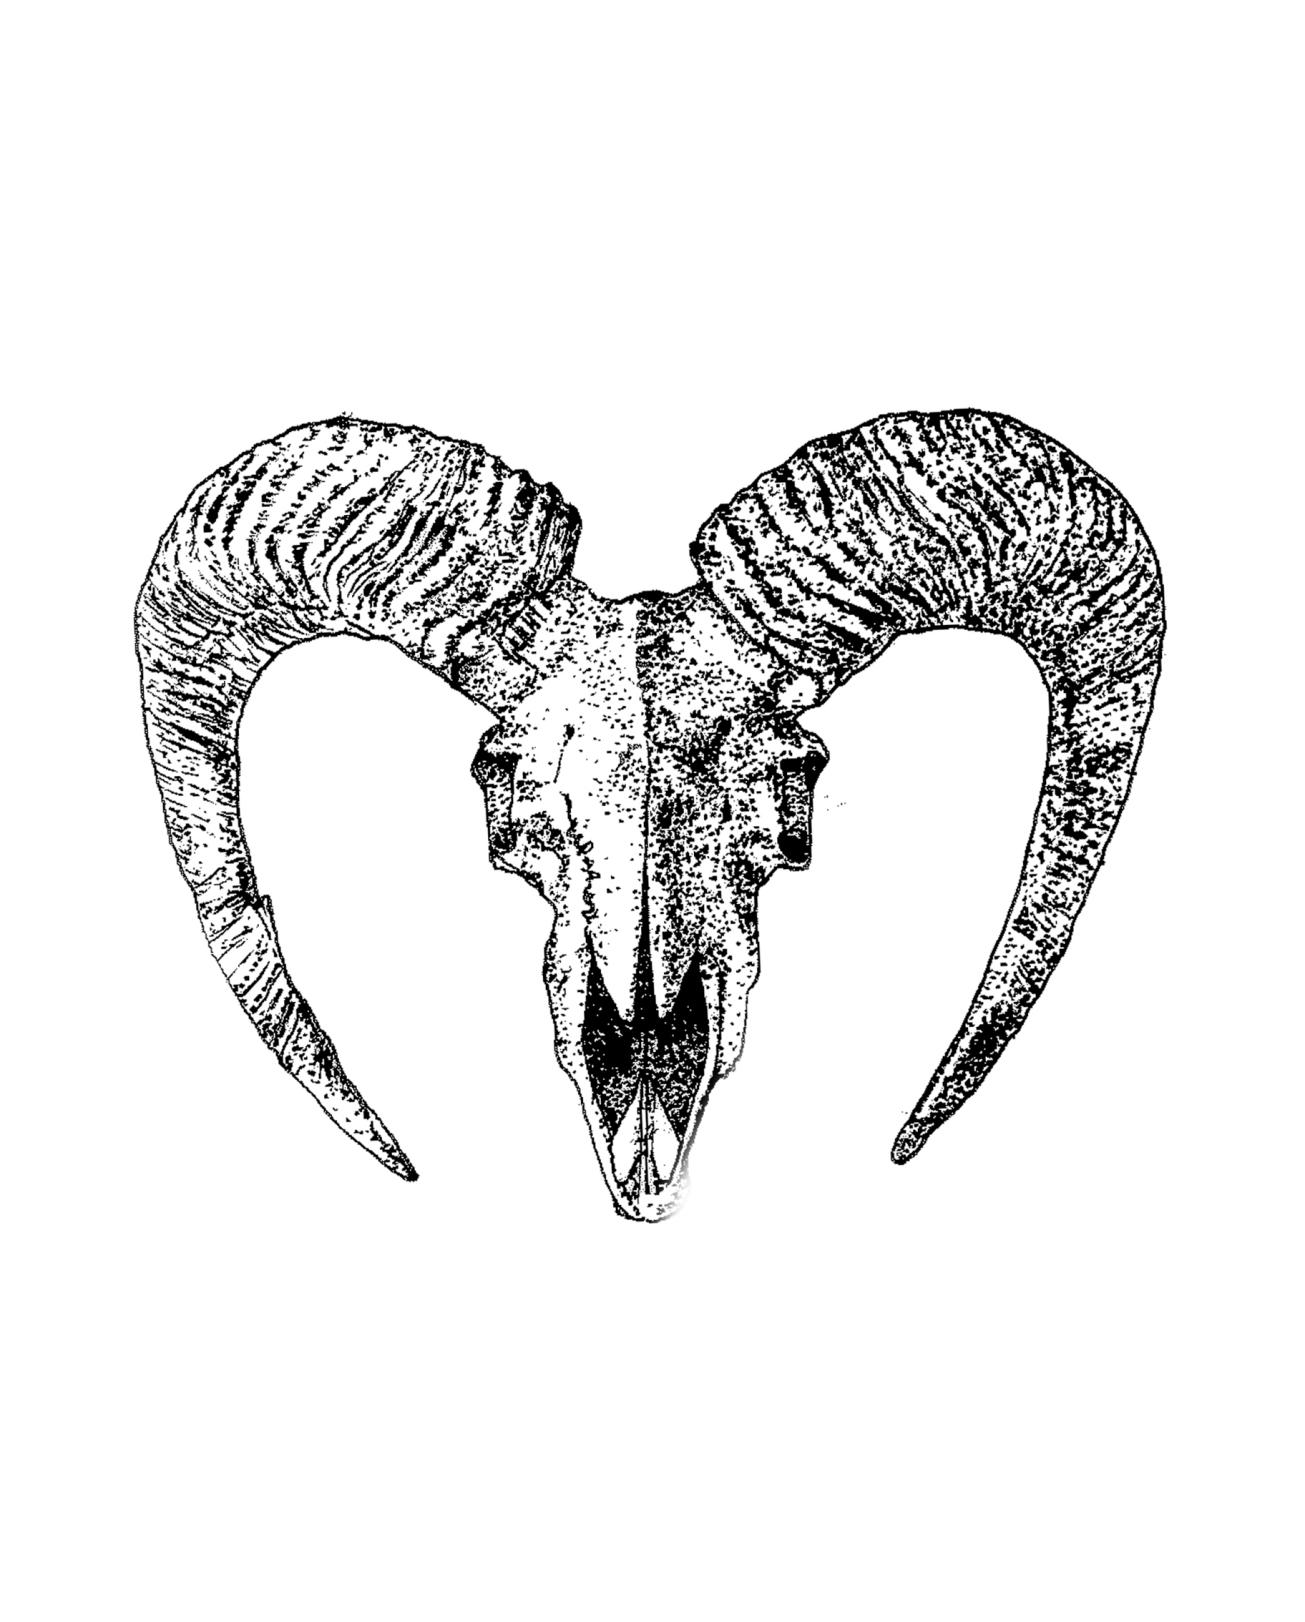 cabra skull ins.